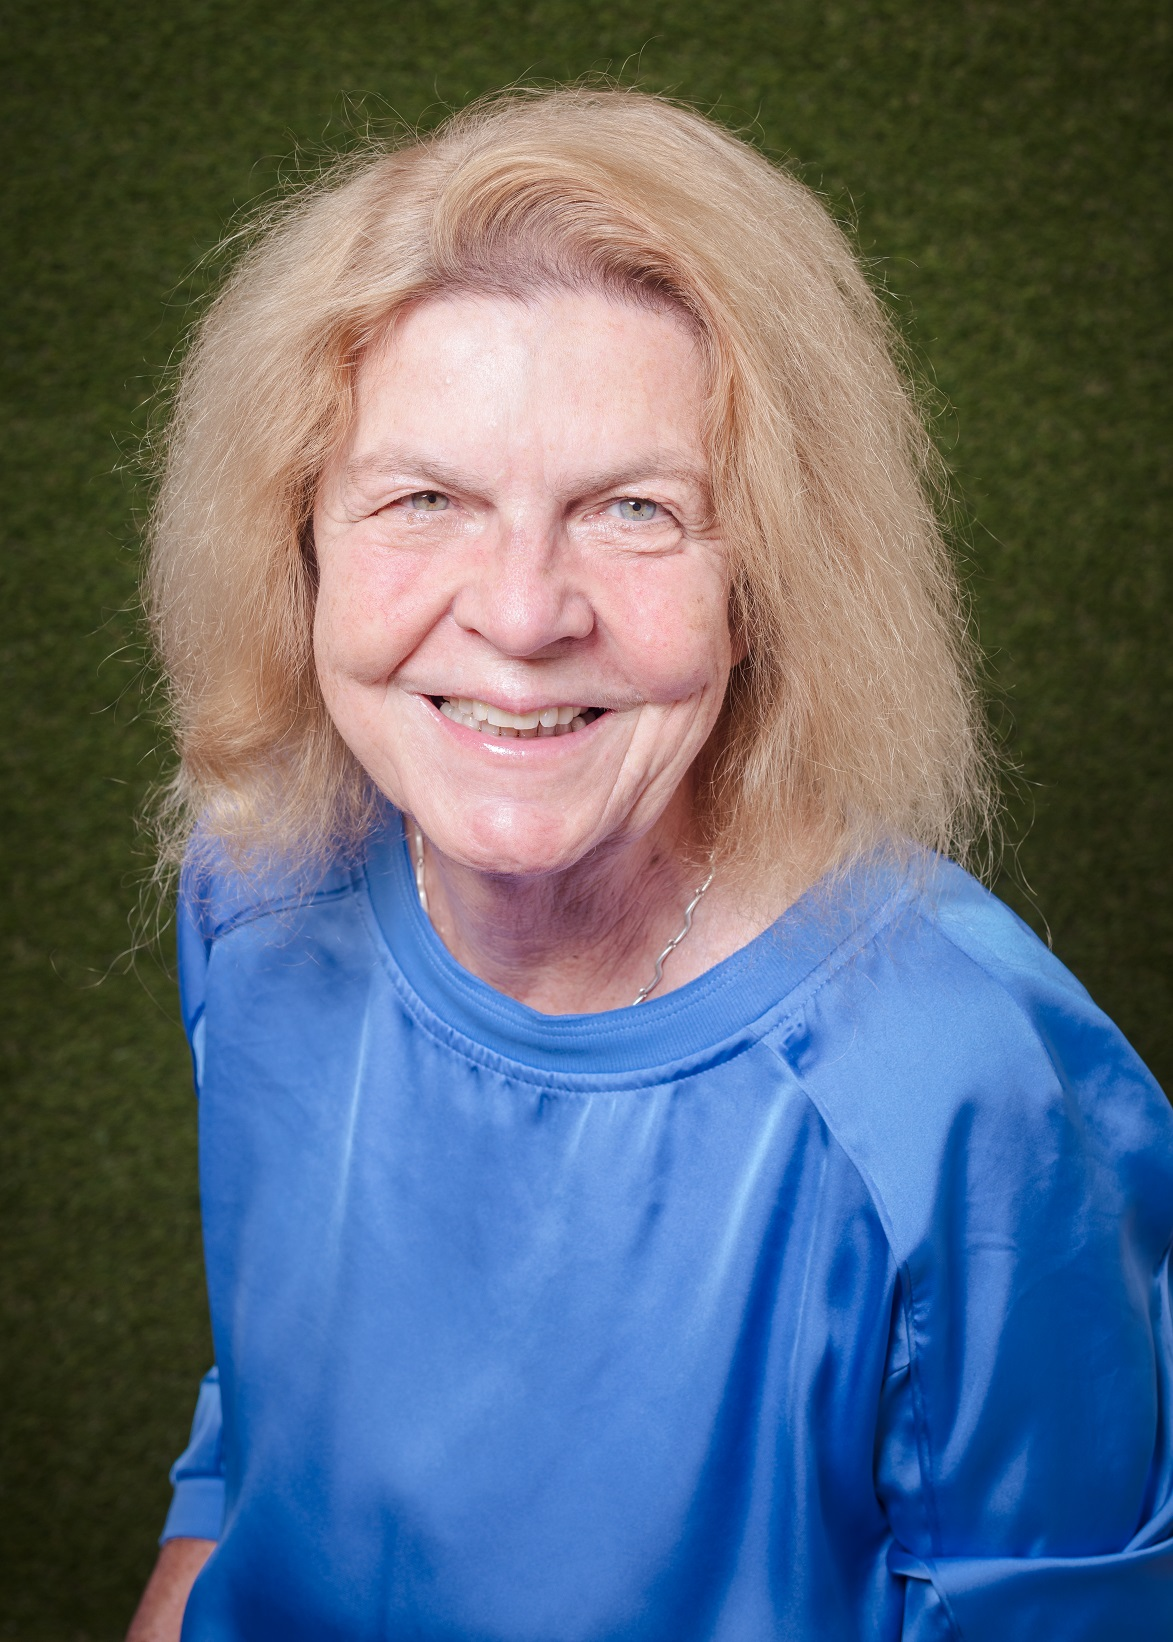 Ursula Mintrop-Werkle